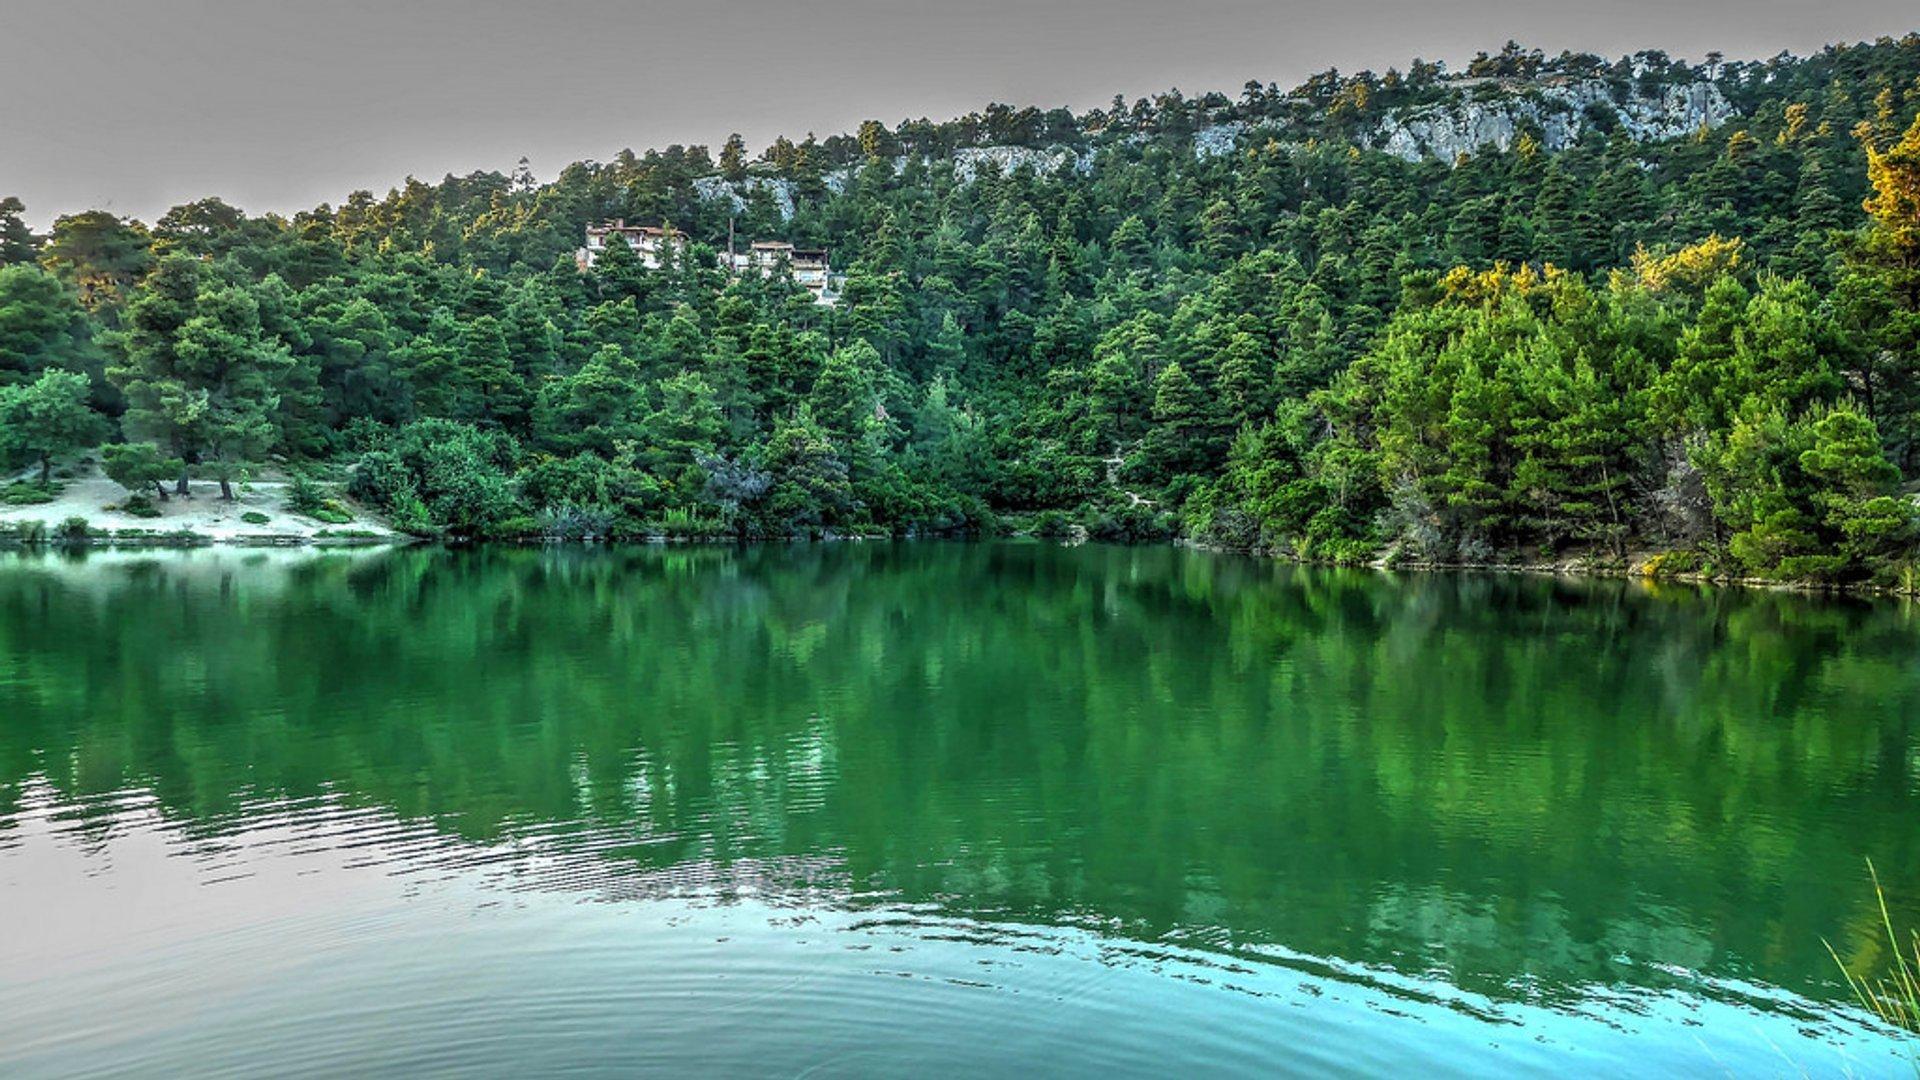 Reflection, Lake Beletsi, Parnitha, Greece 2019